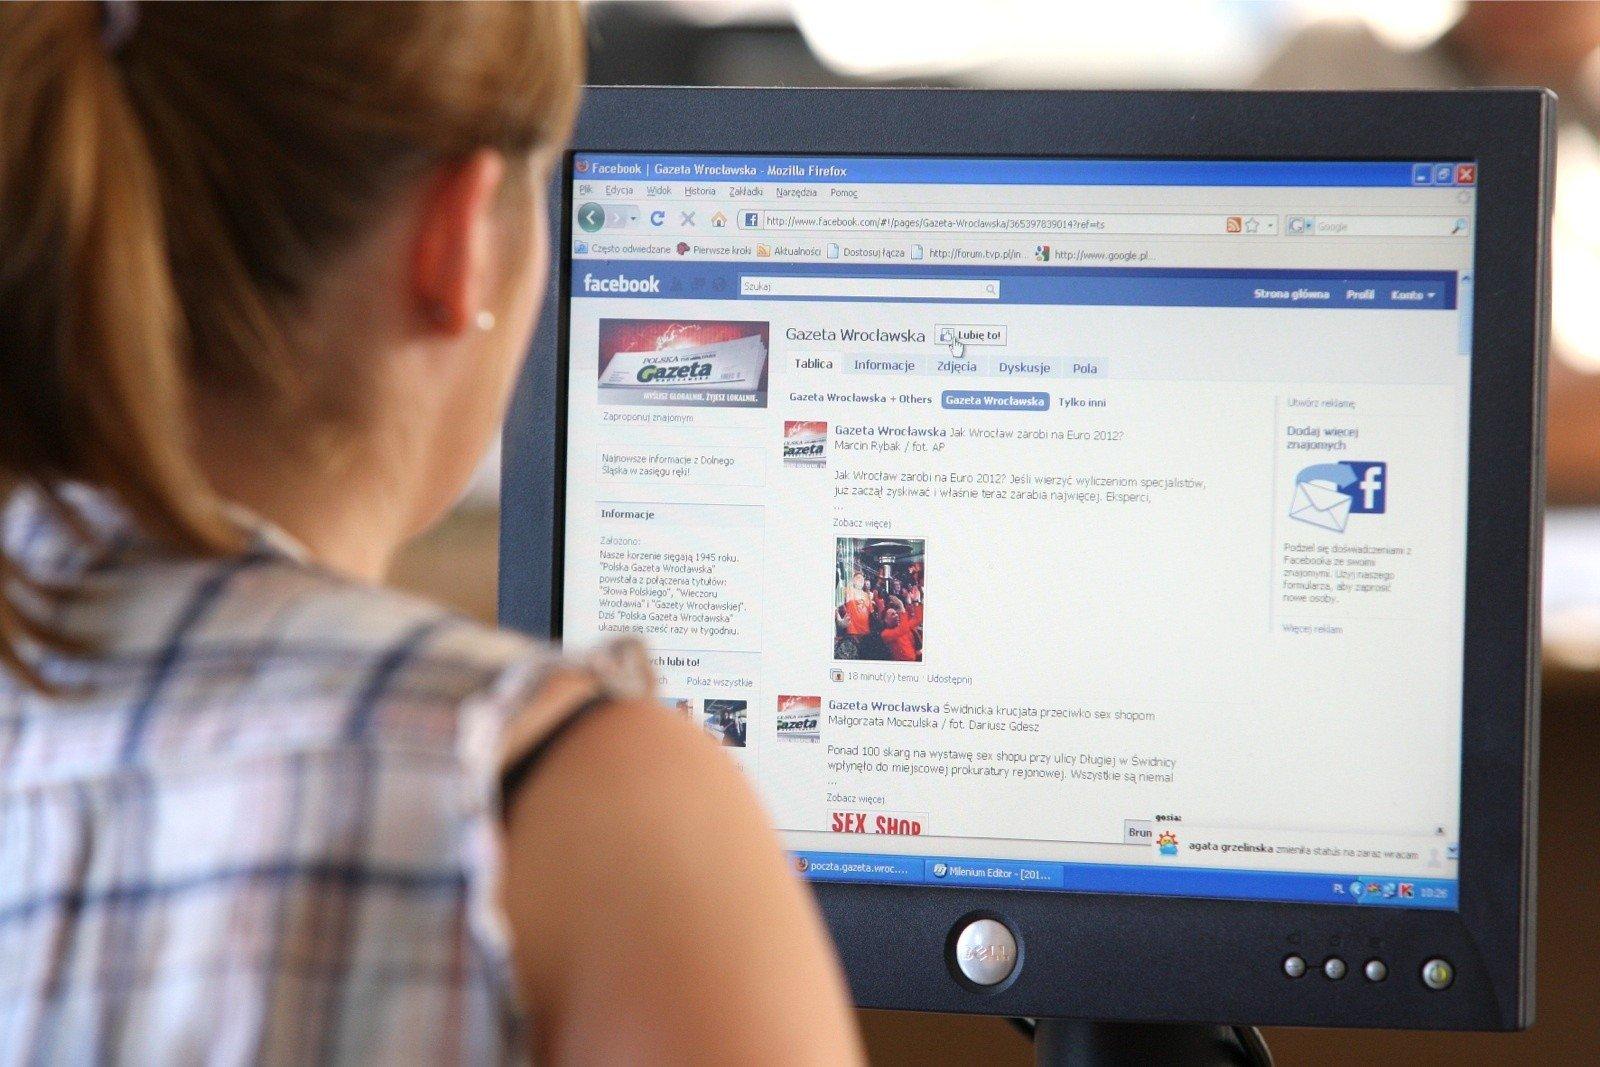 Awaria Facebooka 17.03.2019 Dlaczego nie działa FACEBOOK i INSTAGRAM  Problemy z logowaniem na FB Co się dzieje z Facebookiem  23dd04a0a63